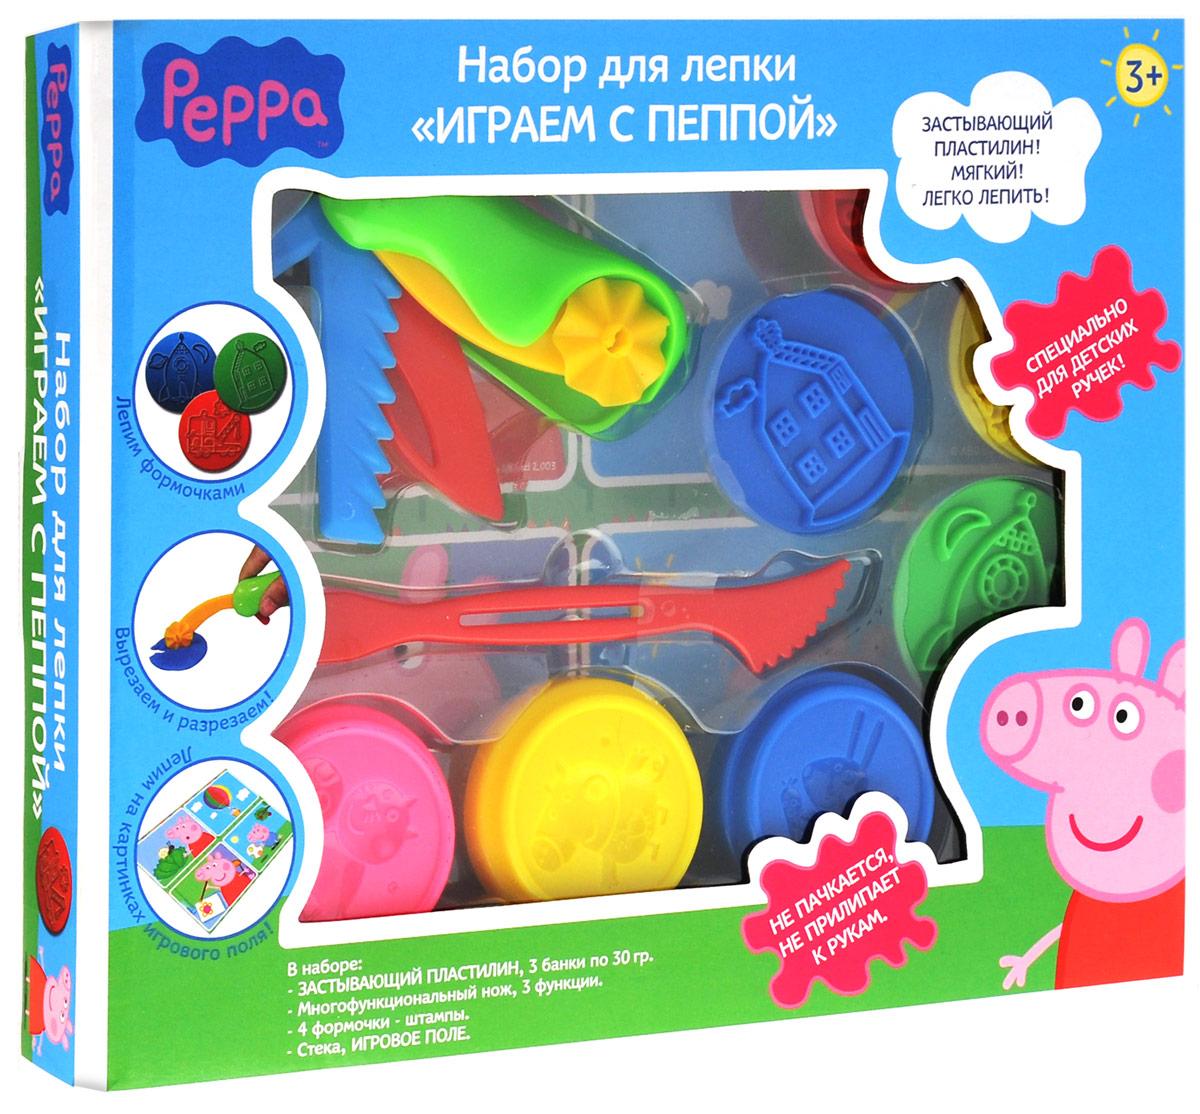 Peppa Pig Набор для лепки Играем с Пеппой